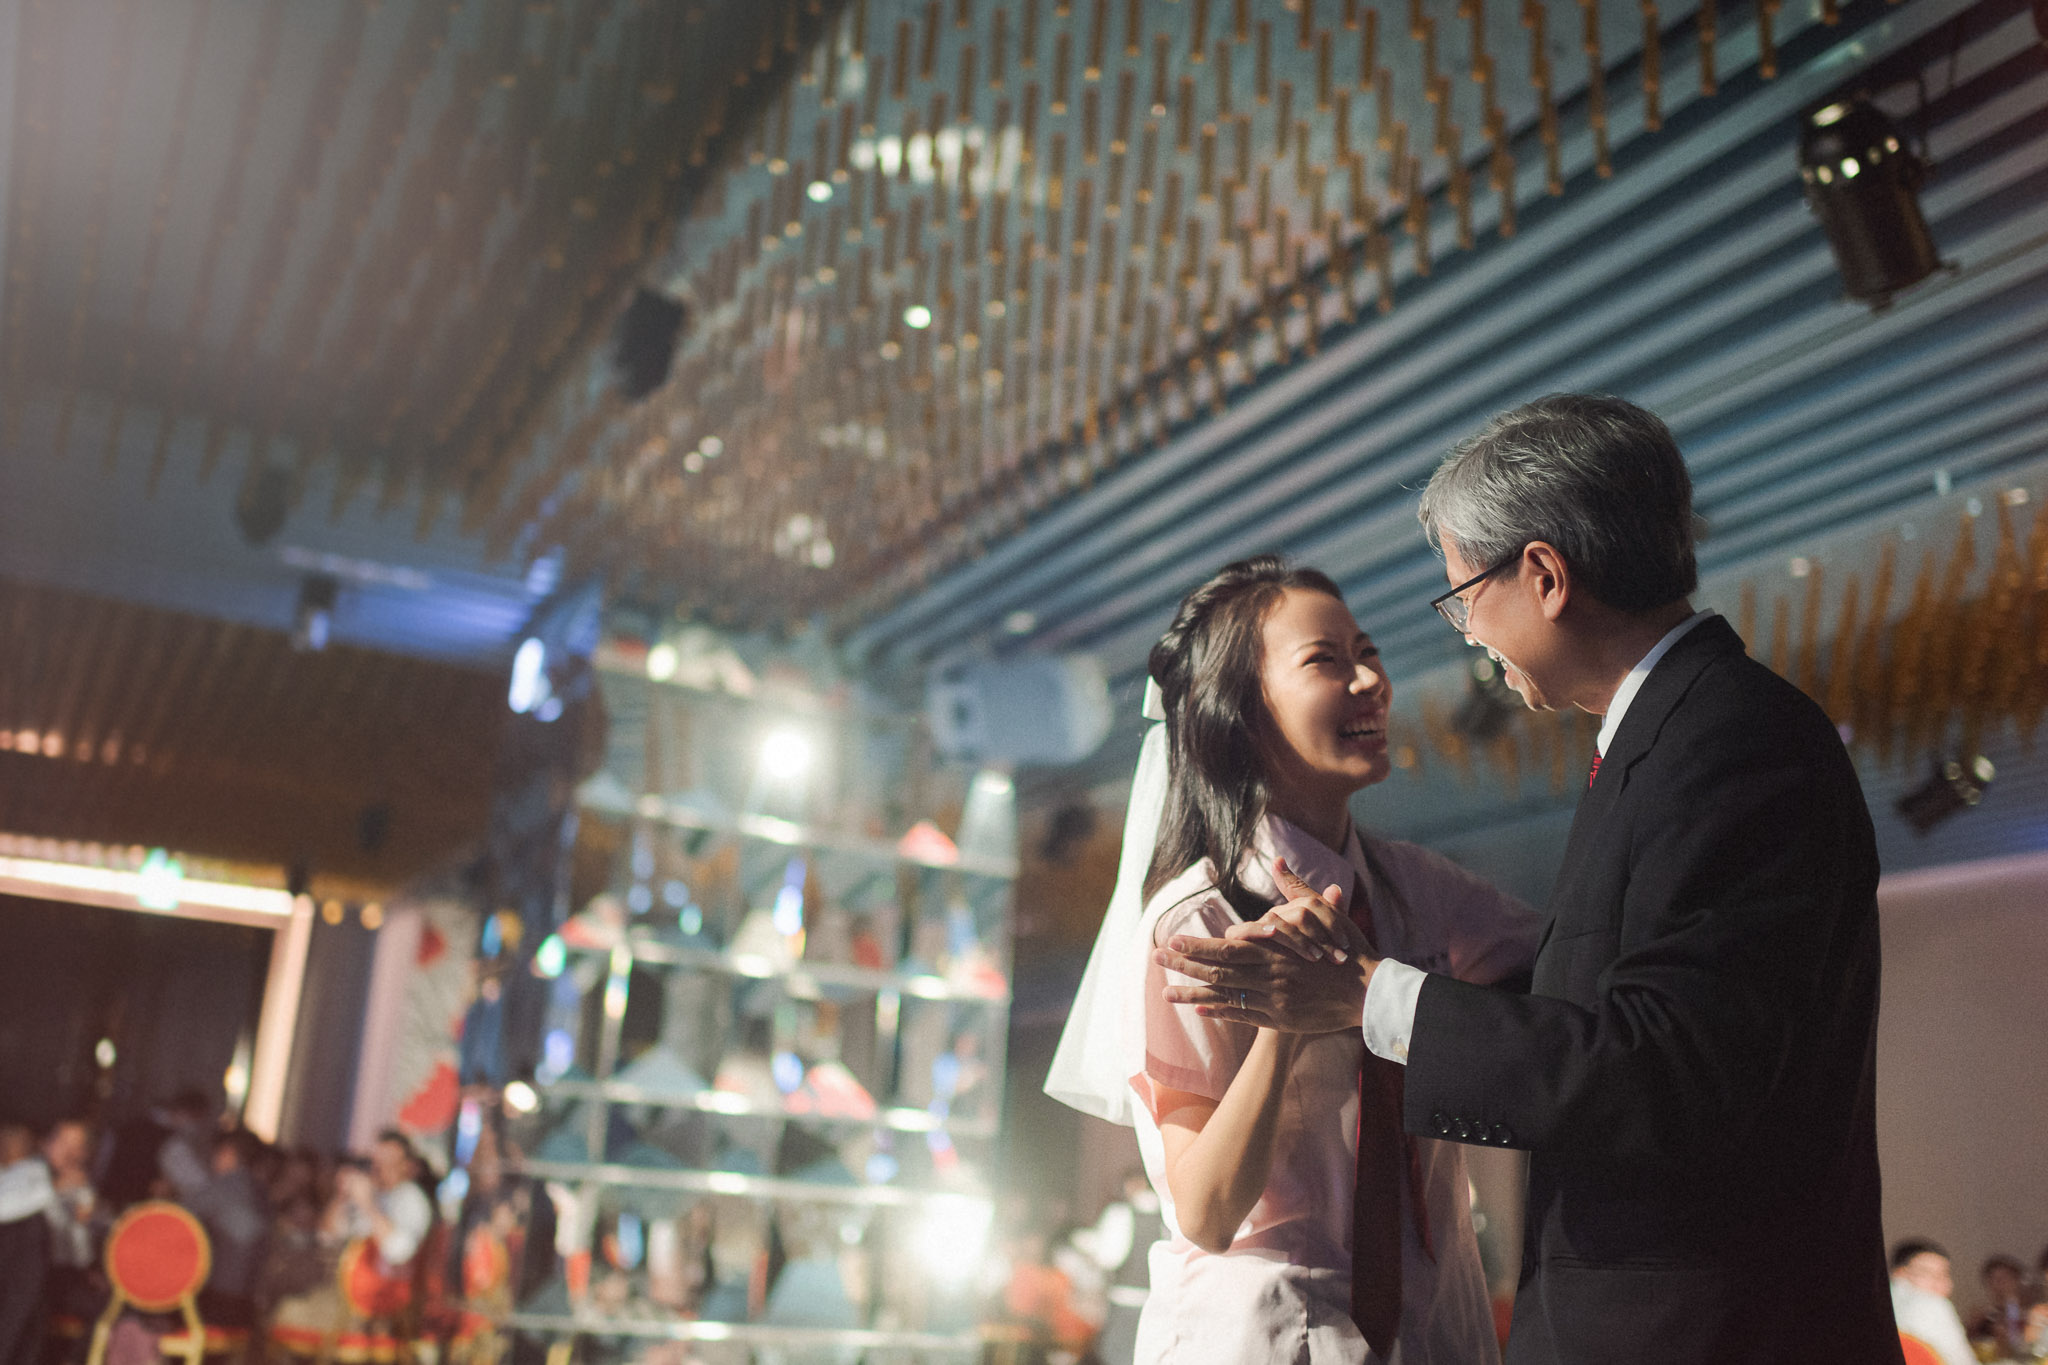 【婚禮紀實】婚攝小眼 - 宇安 & 祥睿 - 婚禮紀錄 @新竹晶宴